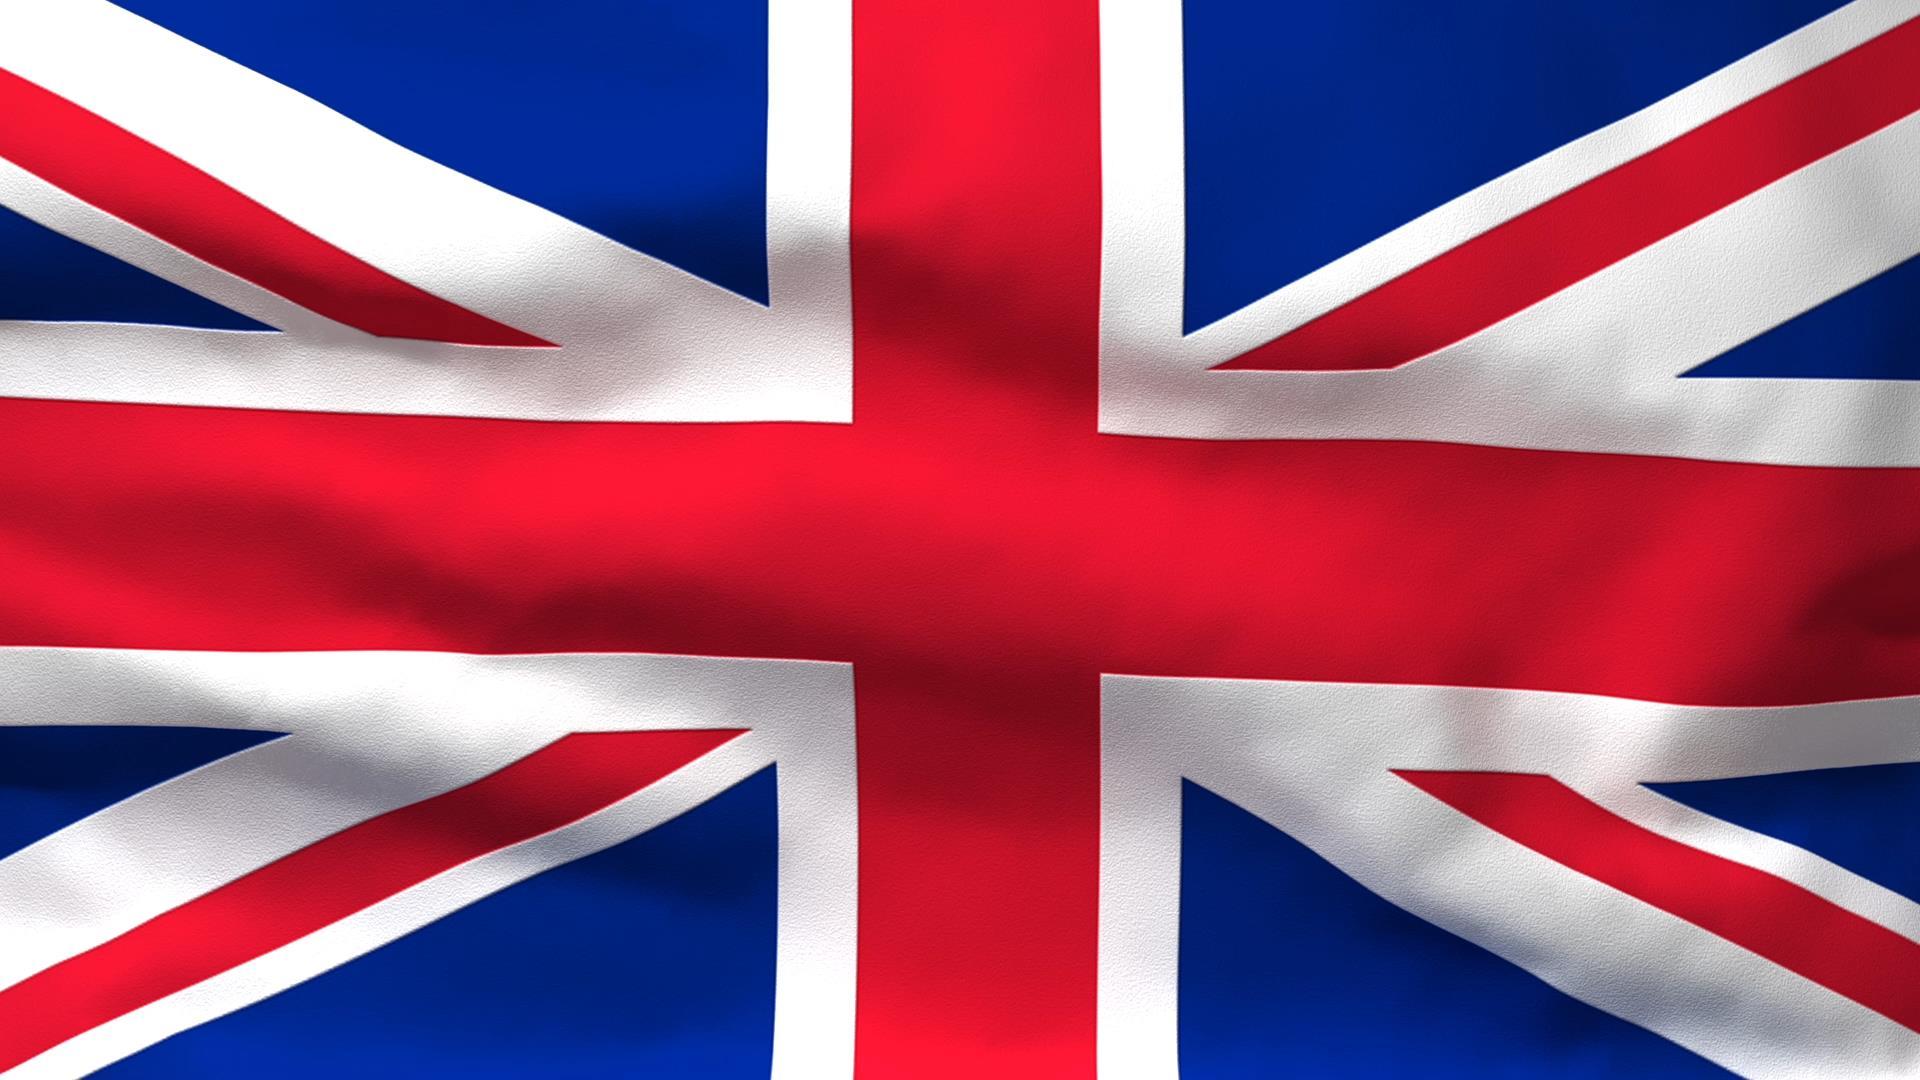 Картинка флага британии